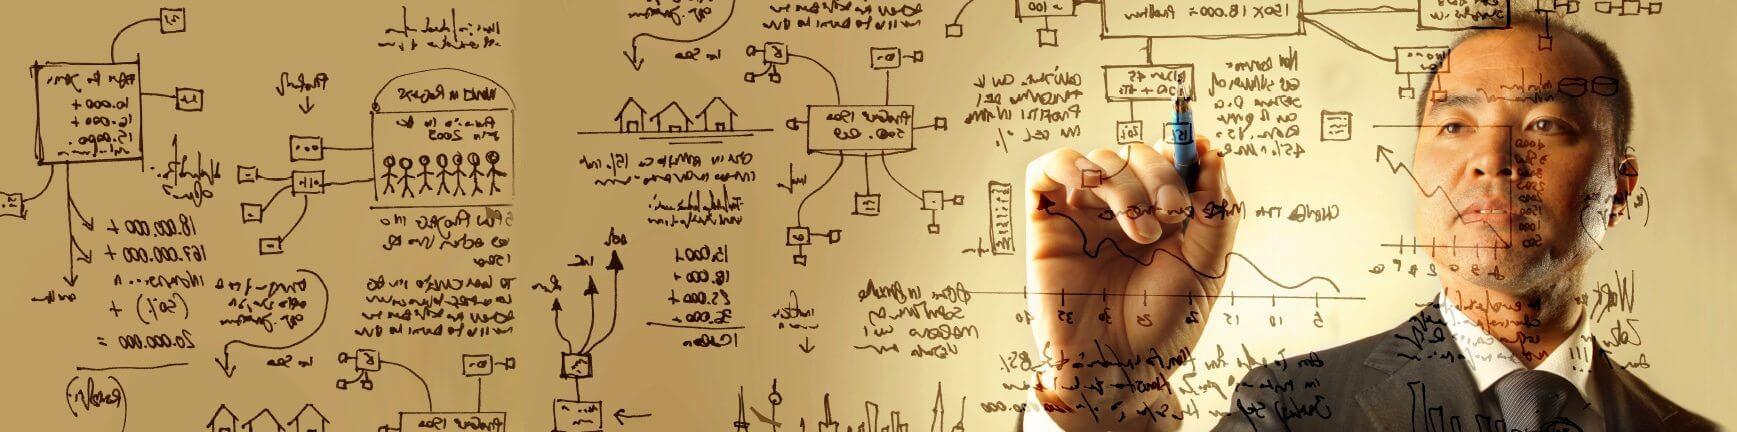 הכנת מצגת - איש כותב על לוח